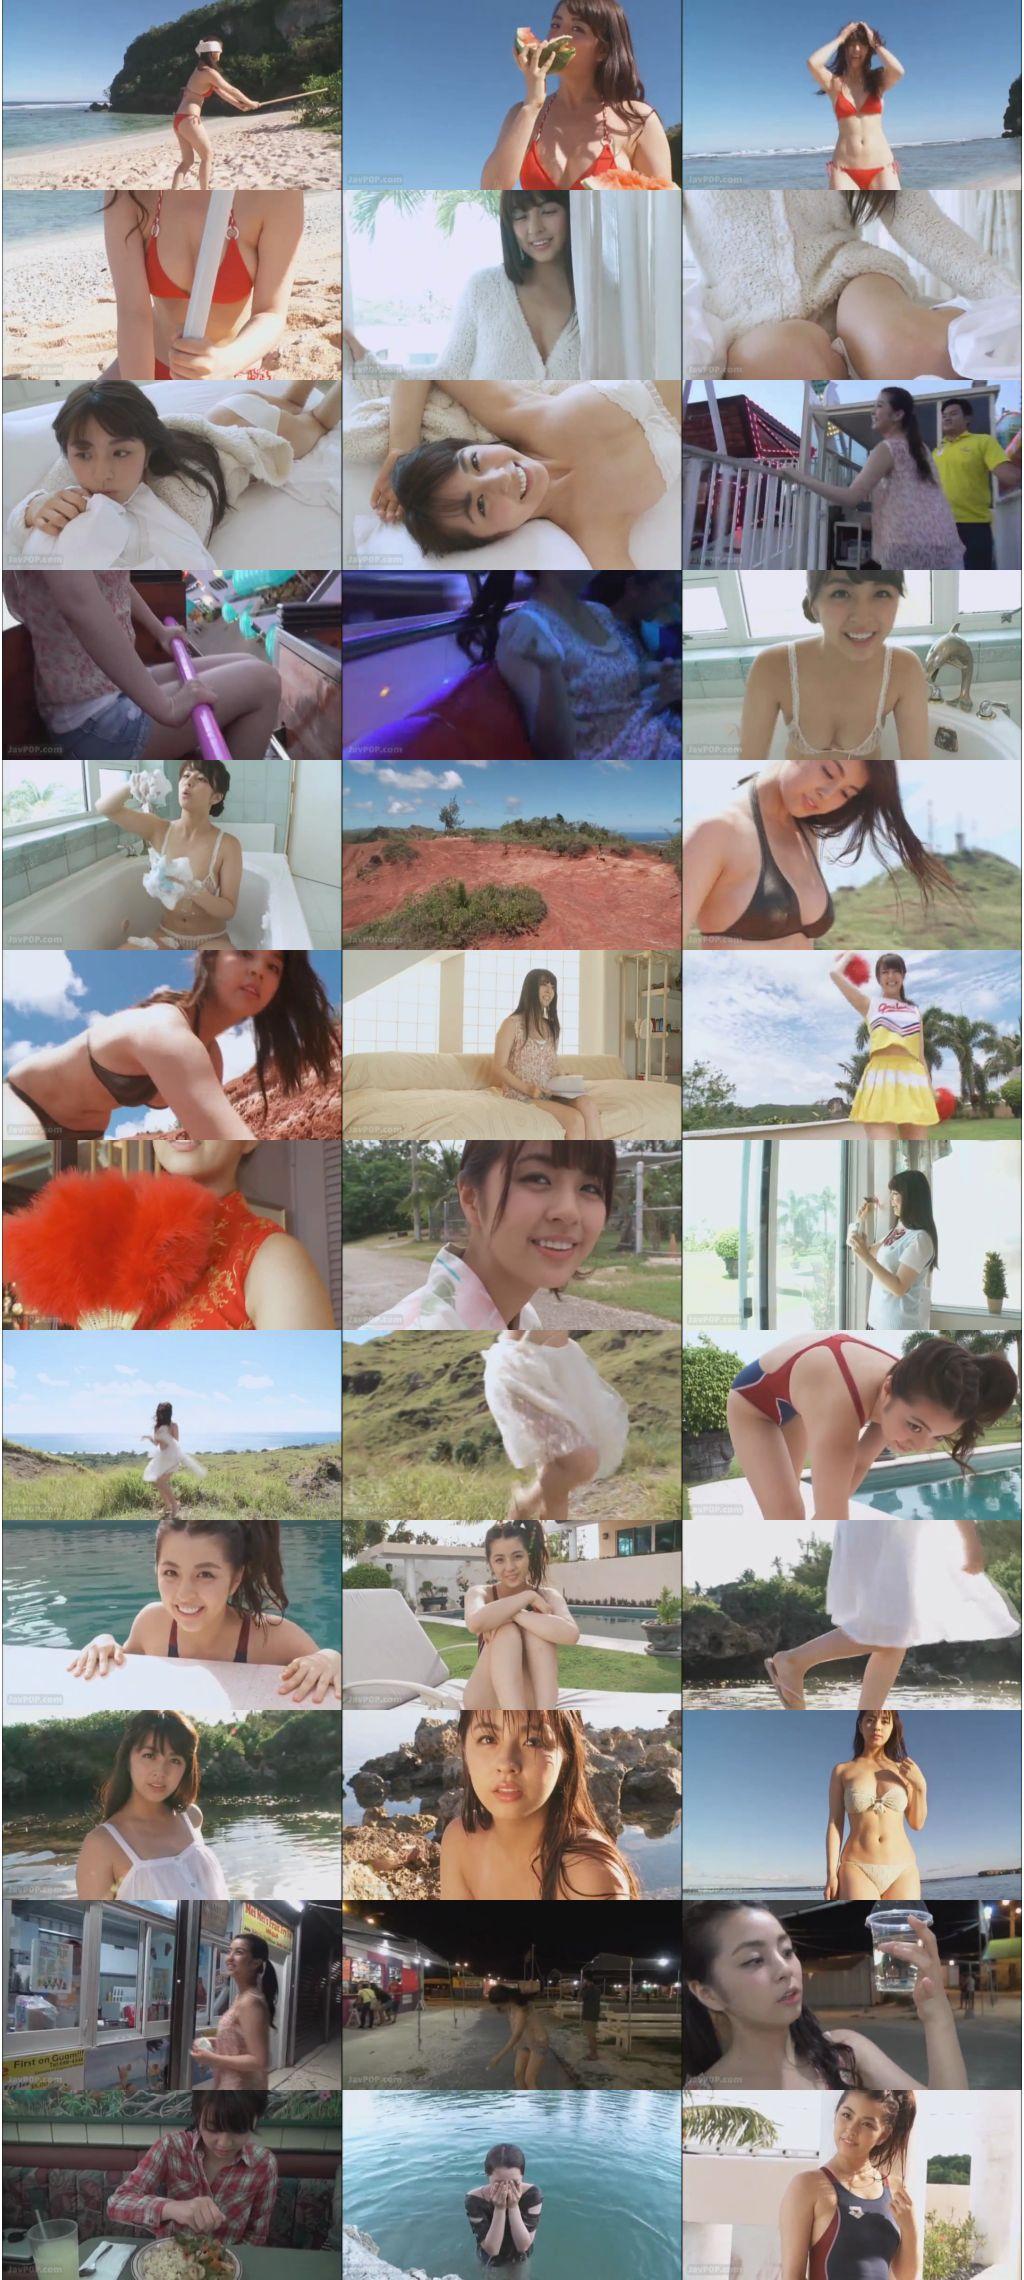 lpfd 279 yurina yanagi s - [LPFD-279] 柳ゆり菜 Yurina Yanagi – PASSION